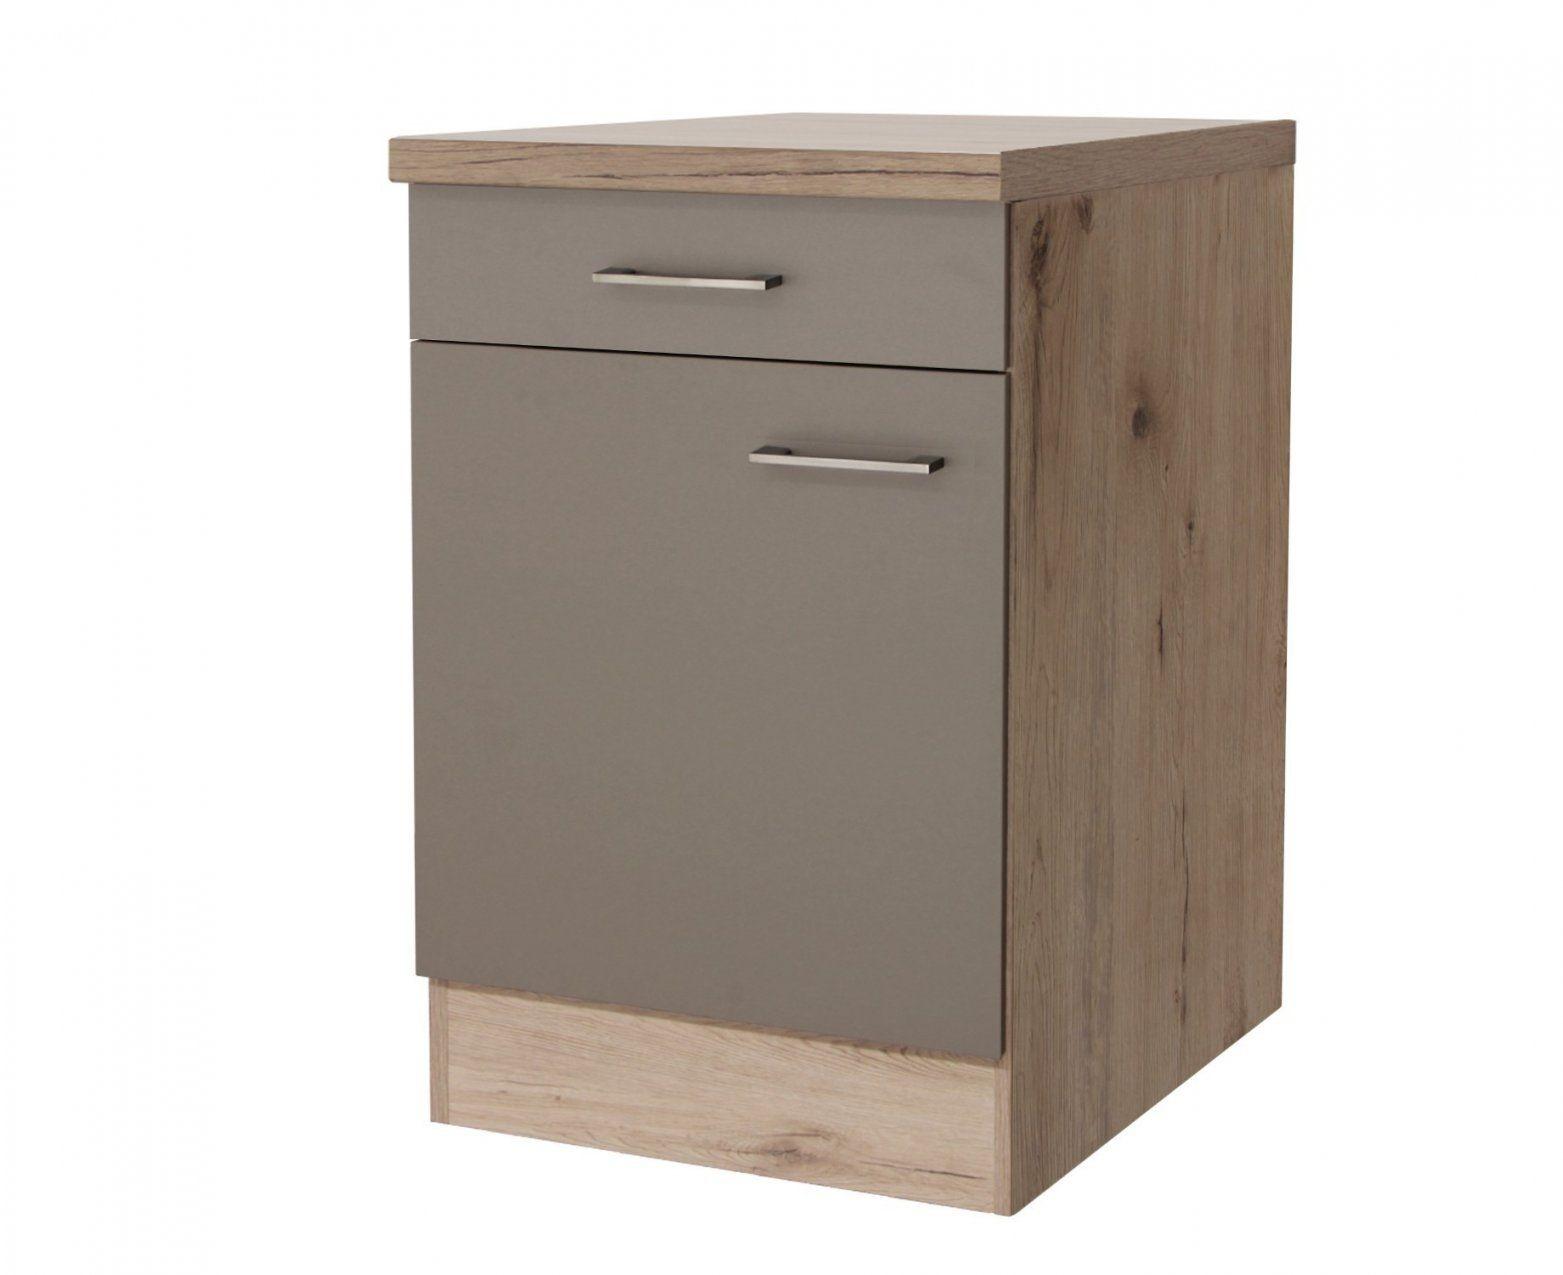 Unterschrank 50 Cm Breit Ikea Beautiful Unterschrank Küche 60 Cm S von Ikea Küchen Unterschrank 50 Cm Photo